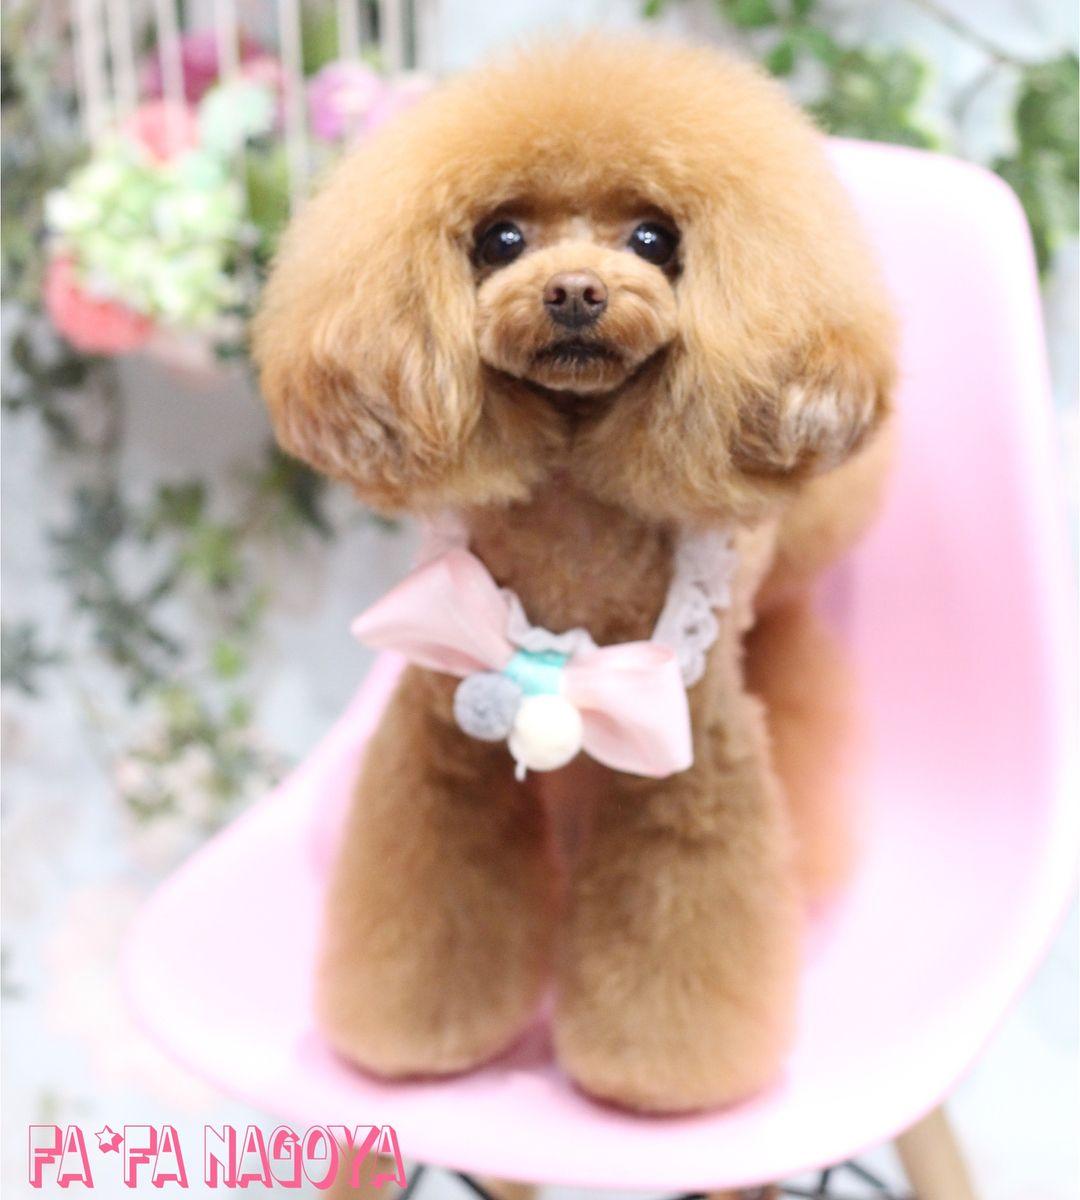 Fafa Nagoya キララちゃん Fafa名古屋店ではトリマースタッフを募集しています 詳しくはお気軽にお問い合わせください Fafa 大阪店 本店 Tel Fax06 7654 8529 Mailorder Fa Fa Net Fafa 名古屋店 Tel ペットサロン 可愛い犬 プードル